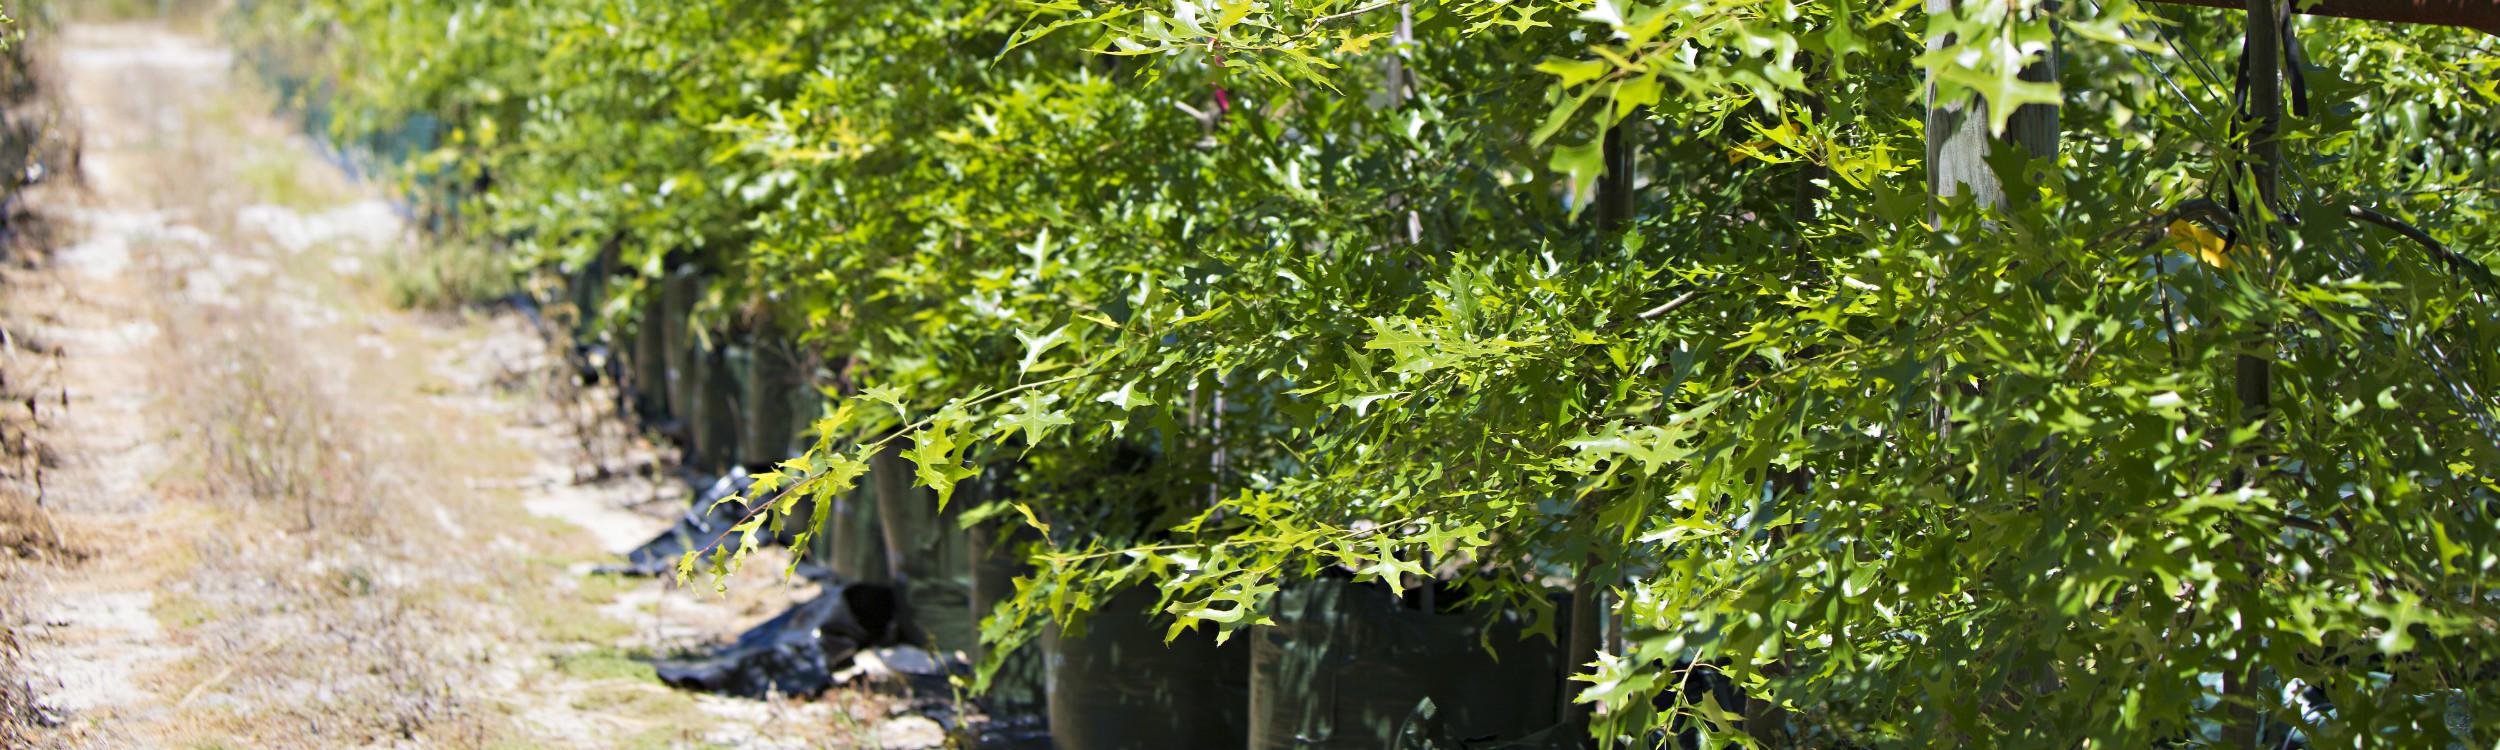 Arborwesttrees_6